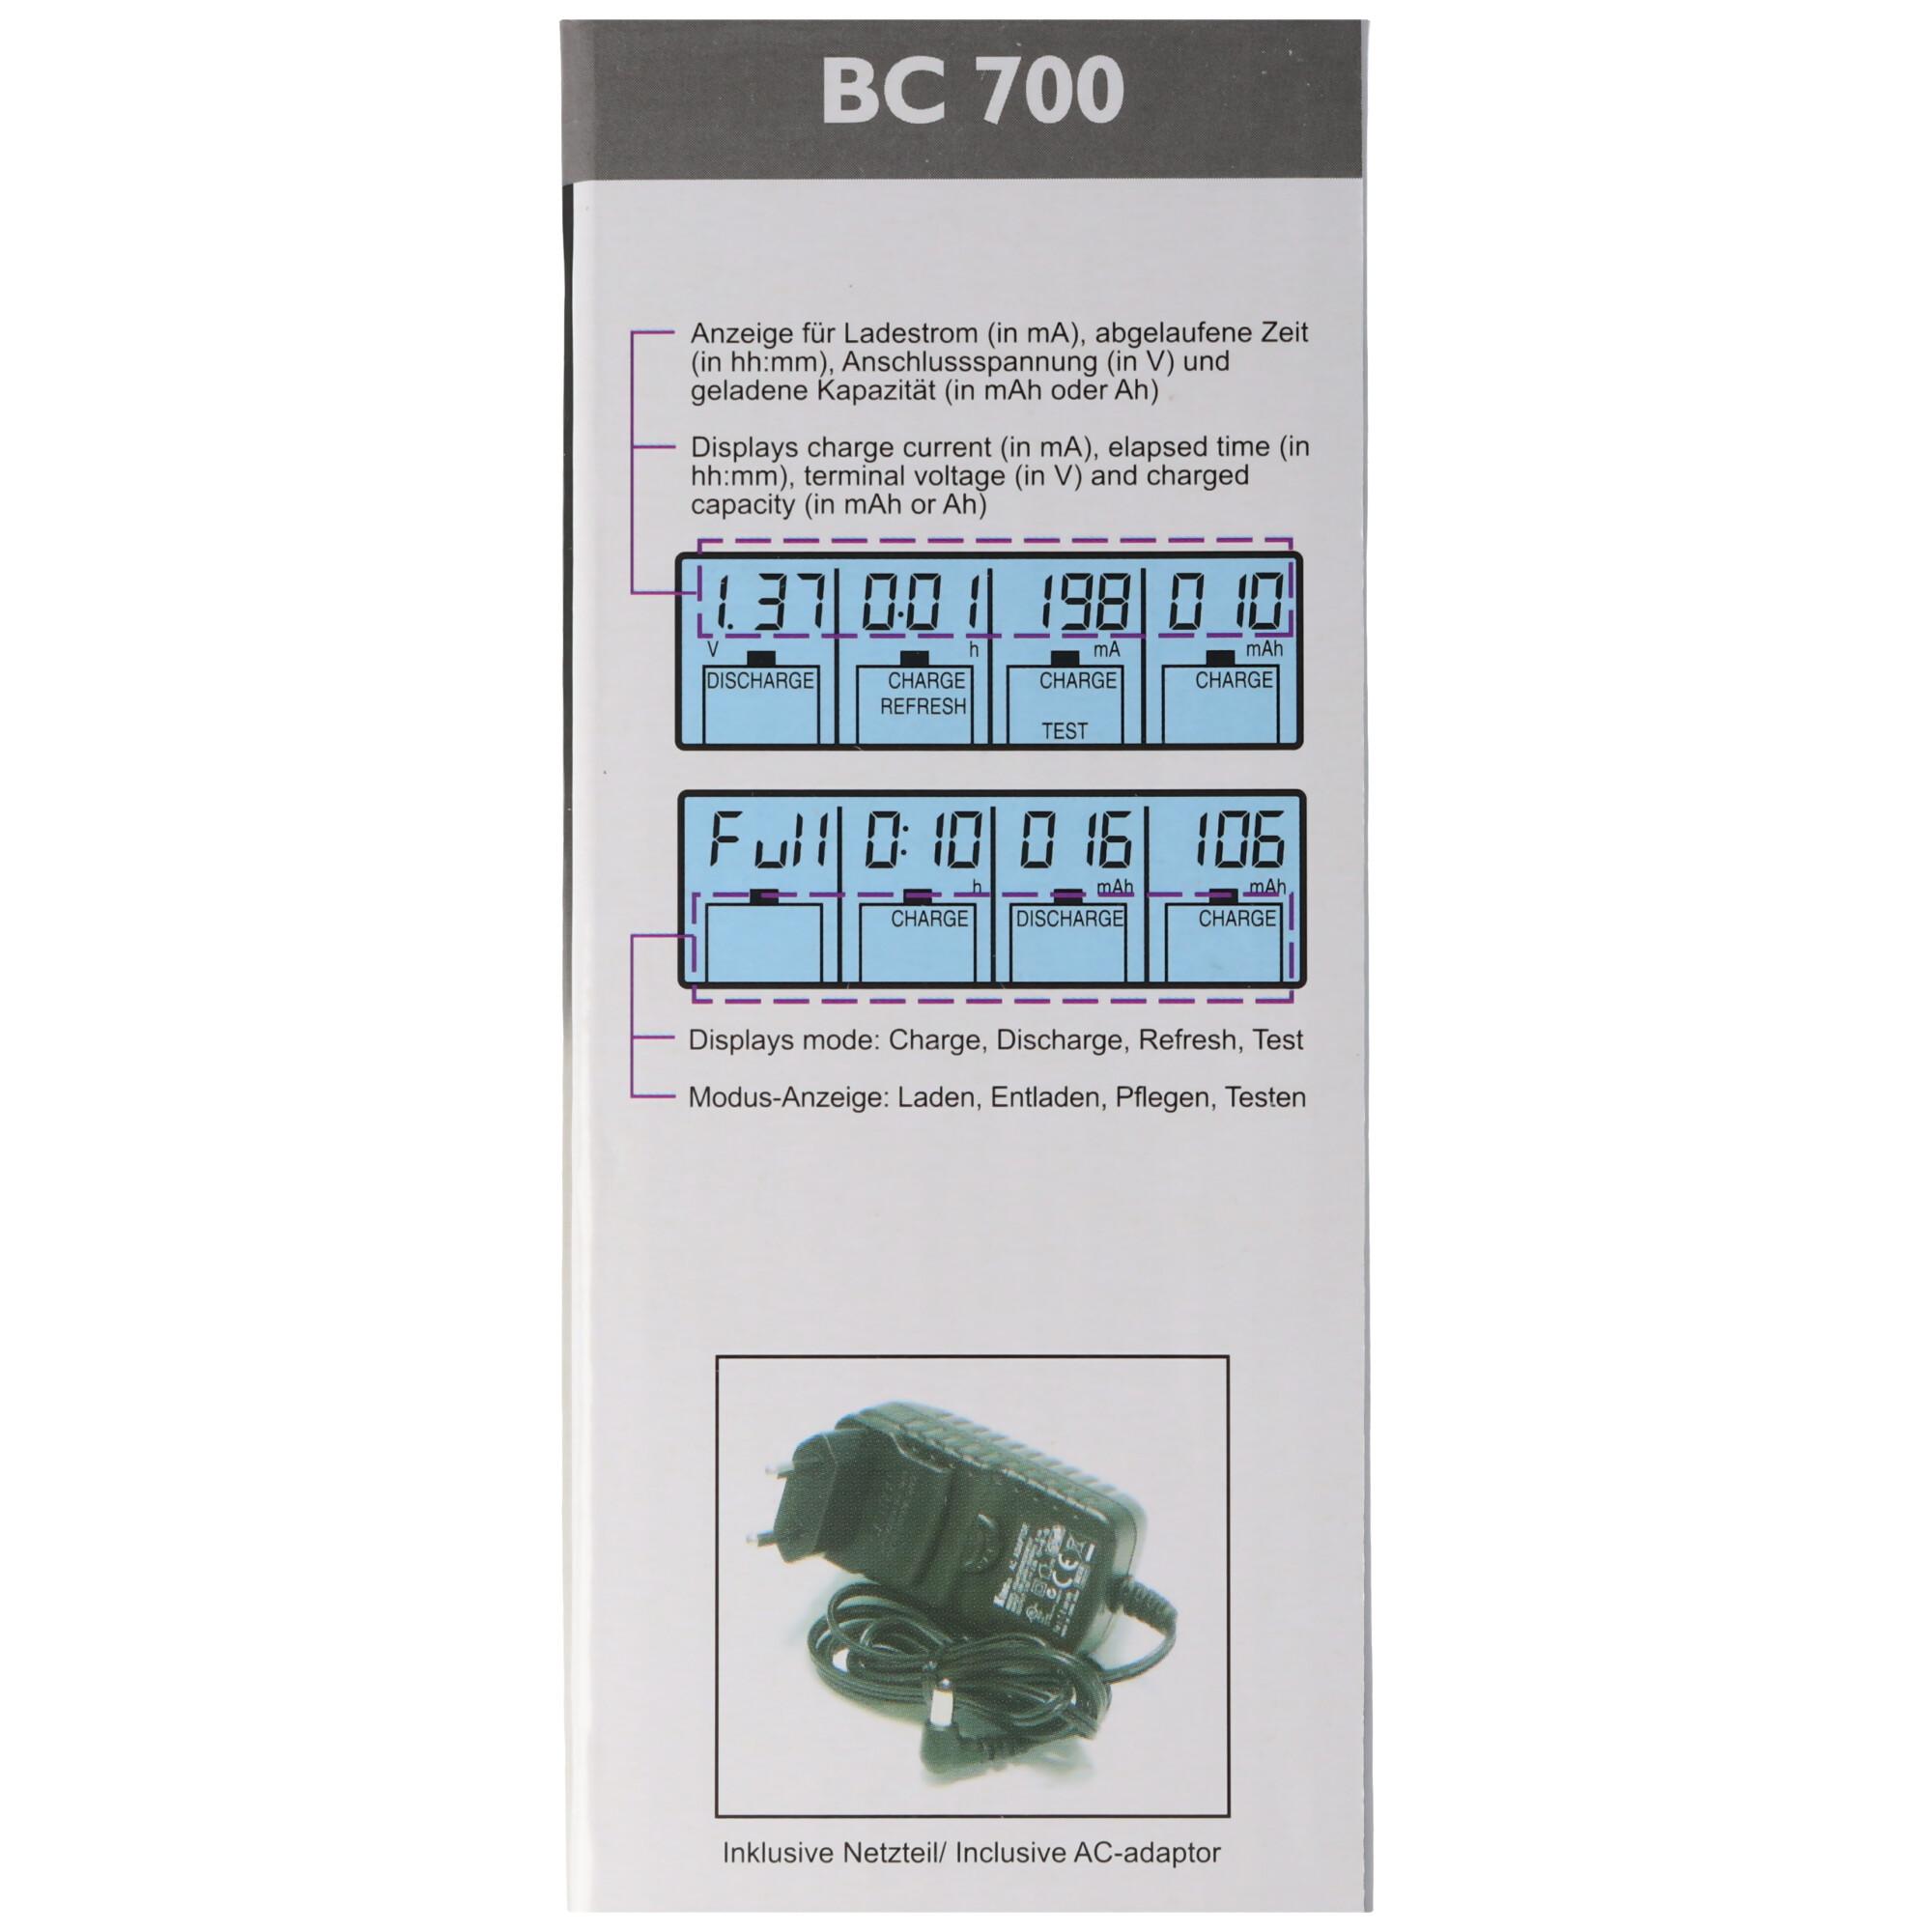 Schnell Ladegerät BC 700 mit Entladefunktion und LCD Display